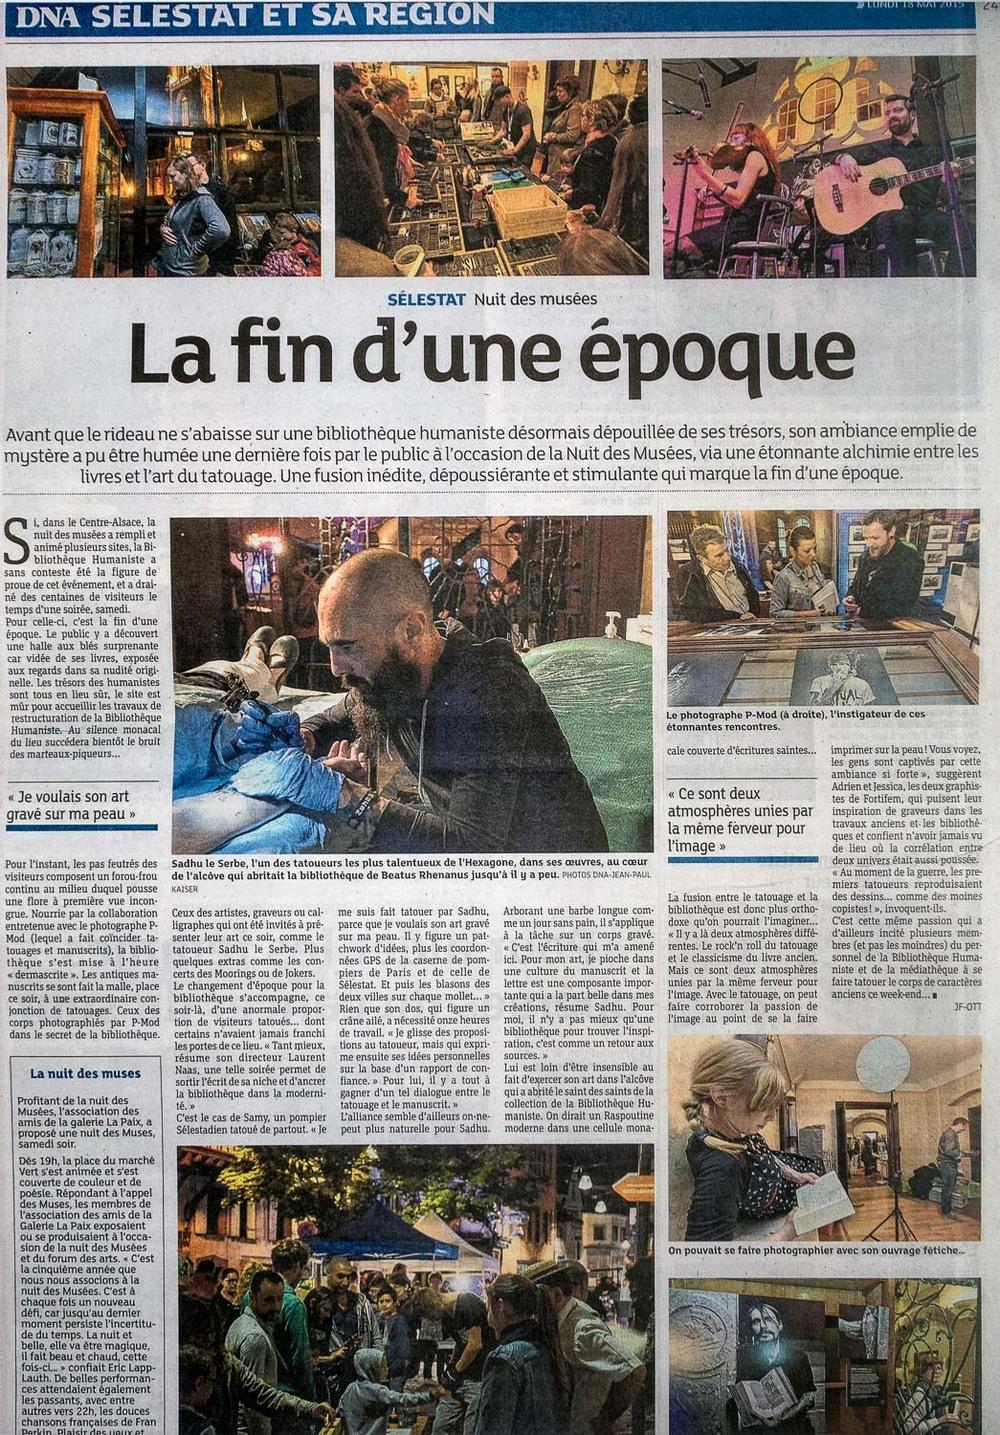 Dernières Nouvelles d'Alsace - report Nuit des Musées - 18 avr